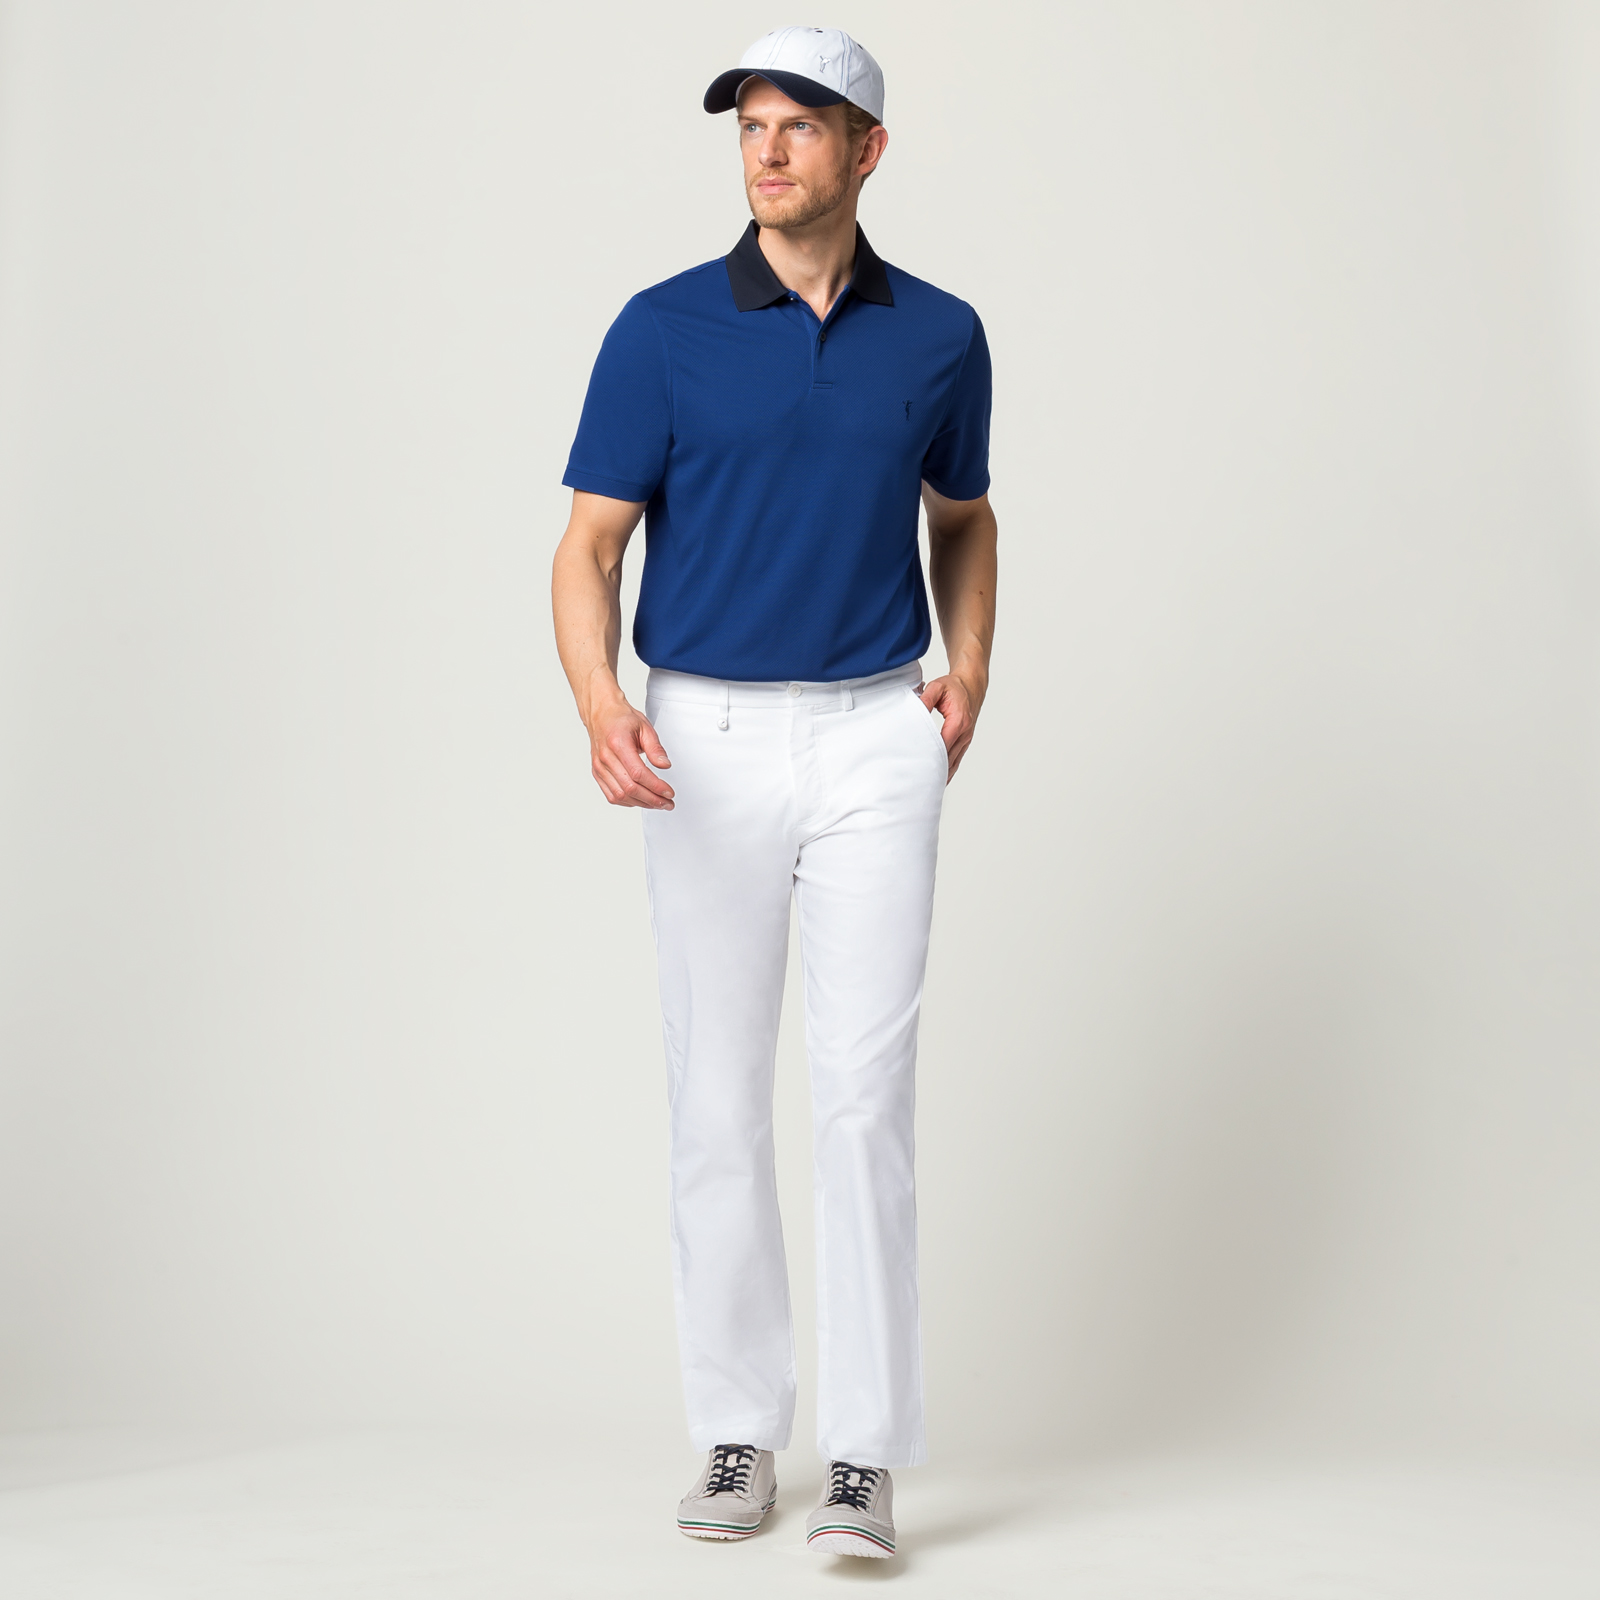 Herren Golfhose mit Sonnenschutz-Funktion und Stretch-Anteil